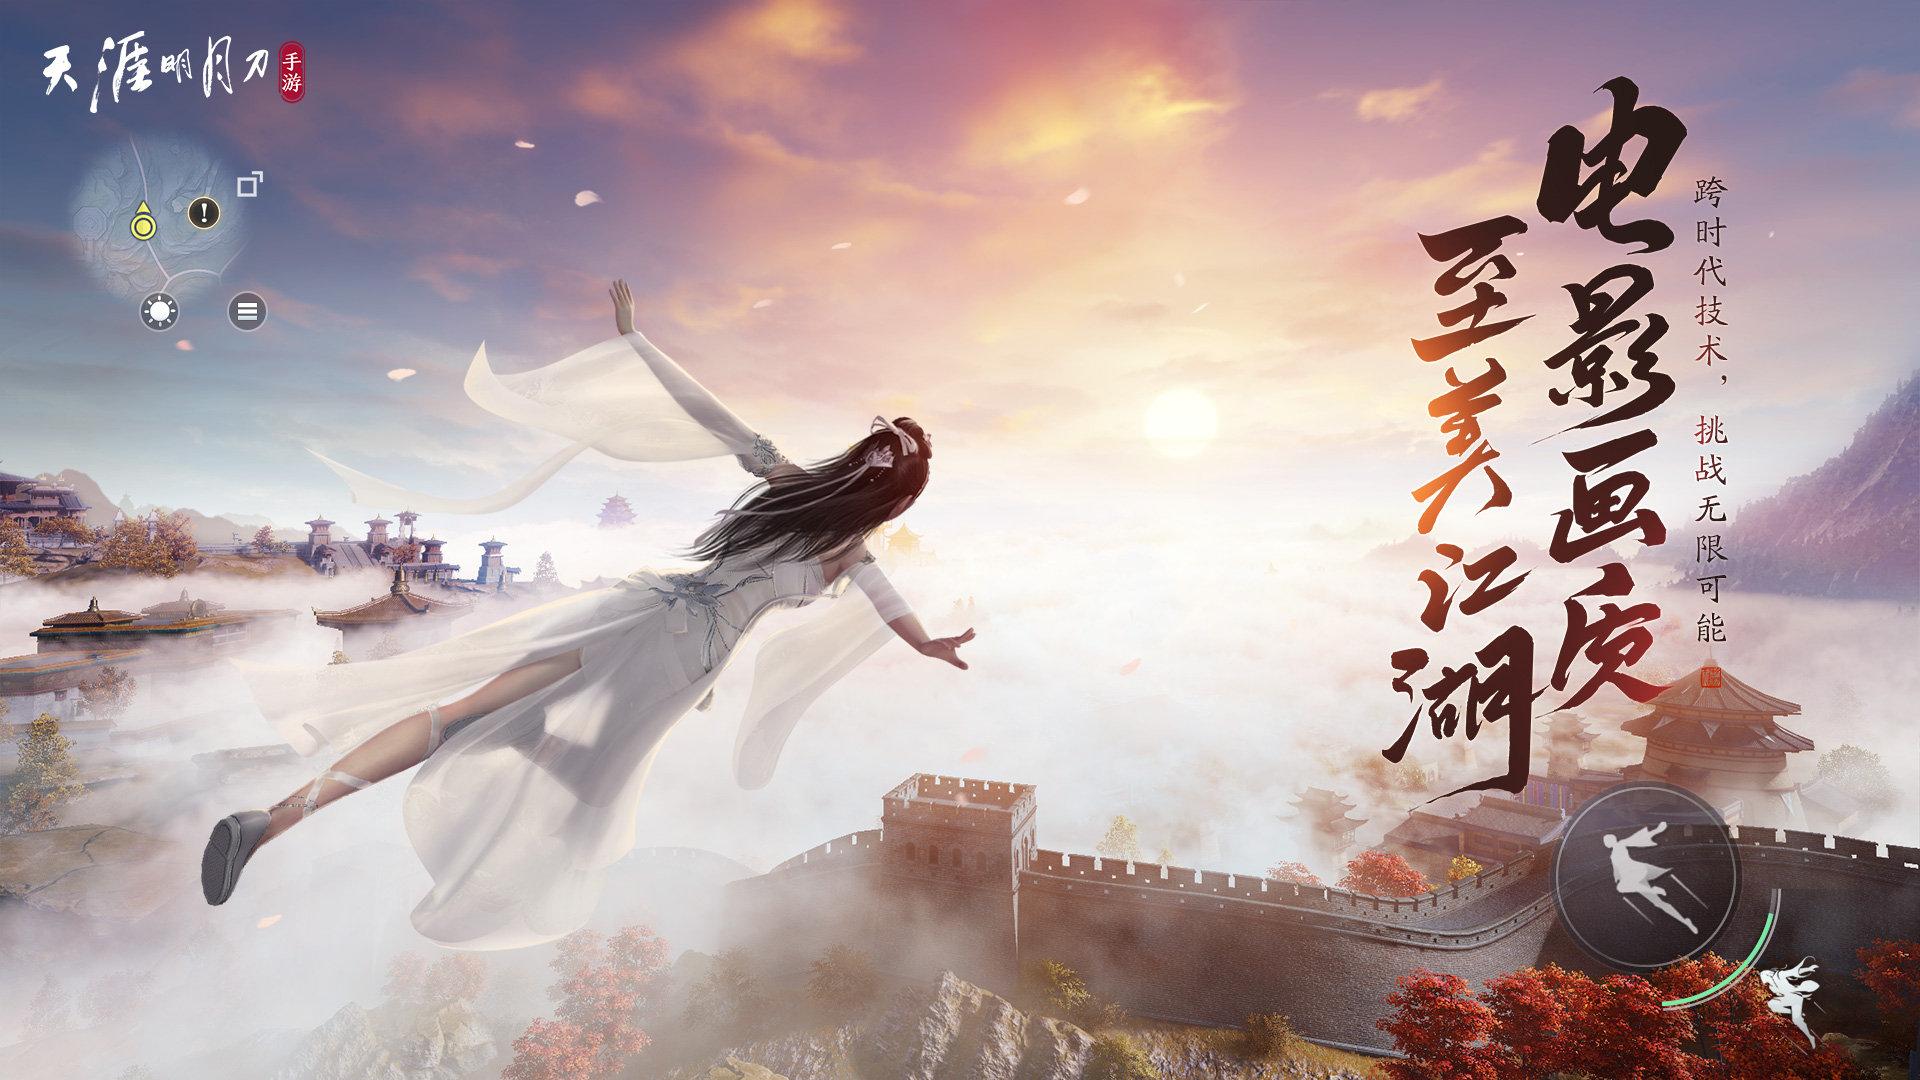 内测5年后 腾讯游戏将正式推出《天涯明月刀手游》